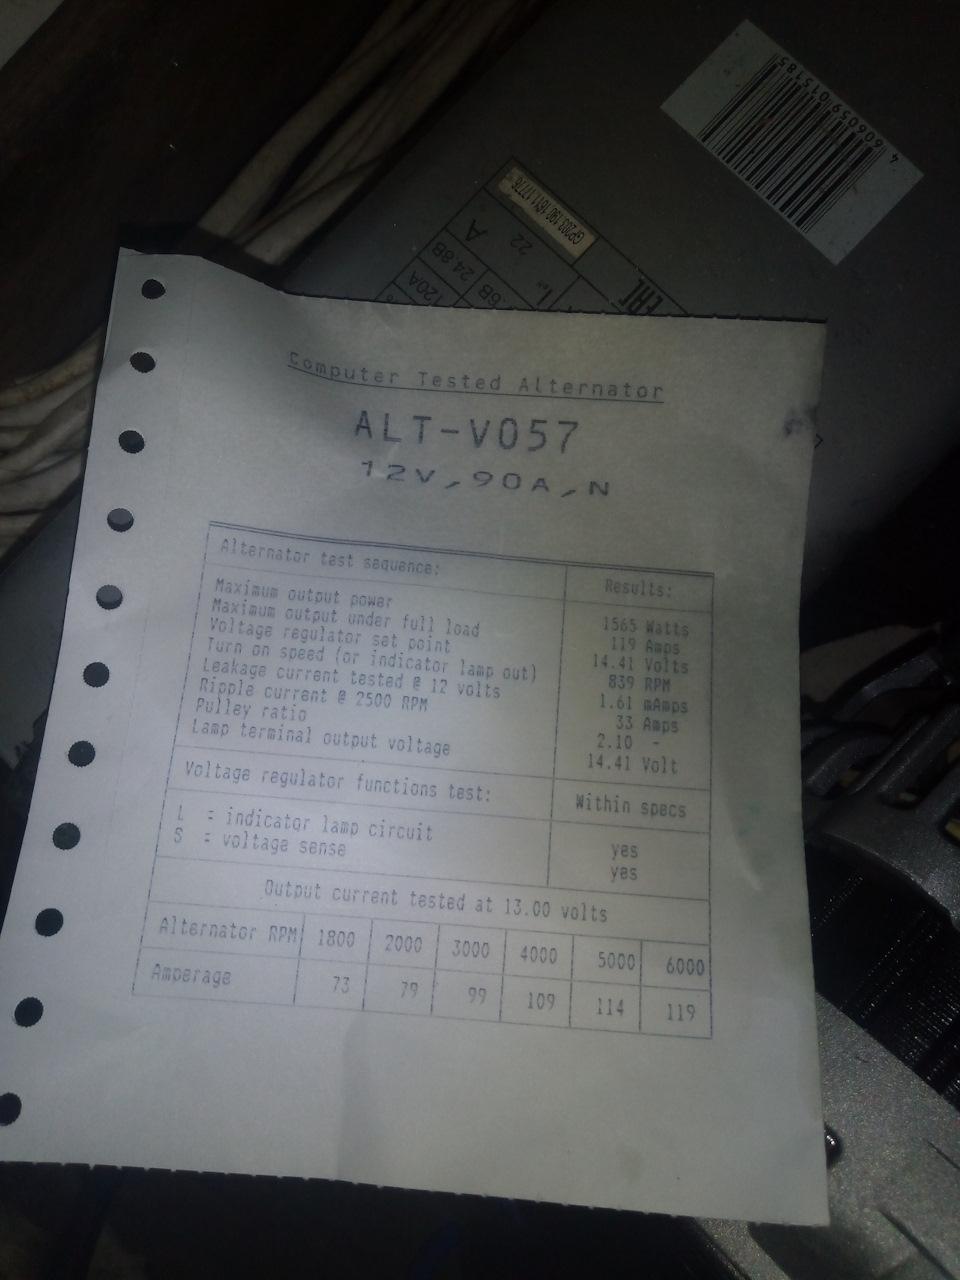 08AAAgHu7OA-960.jpg